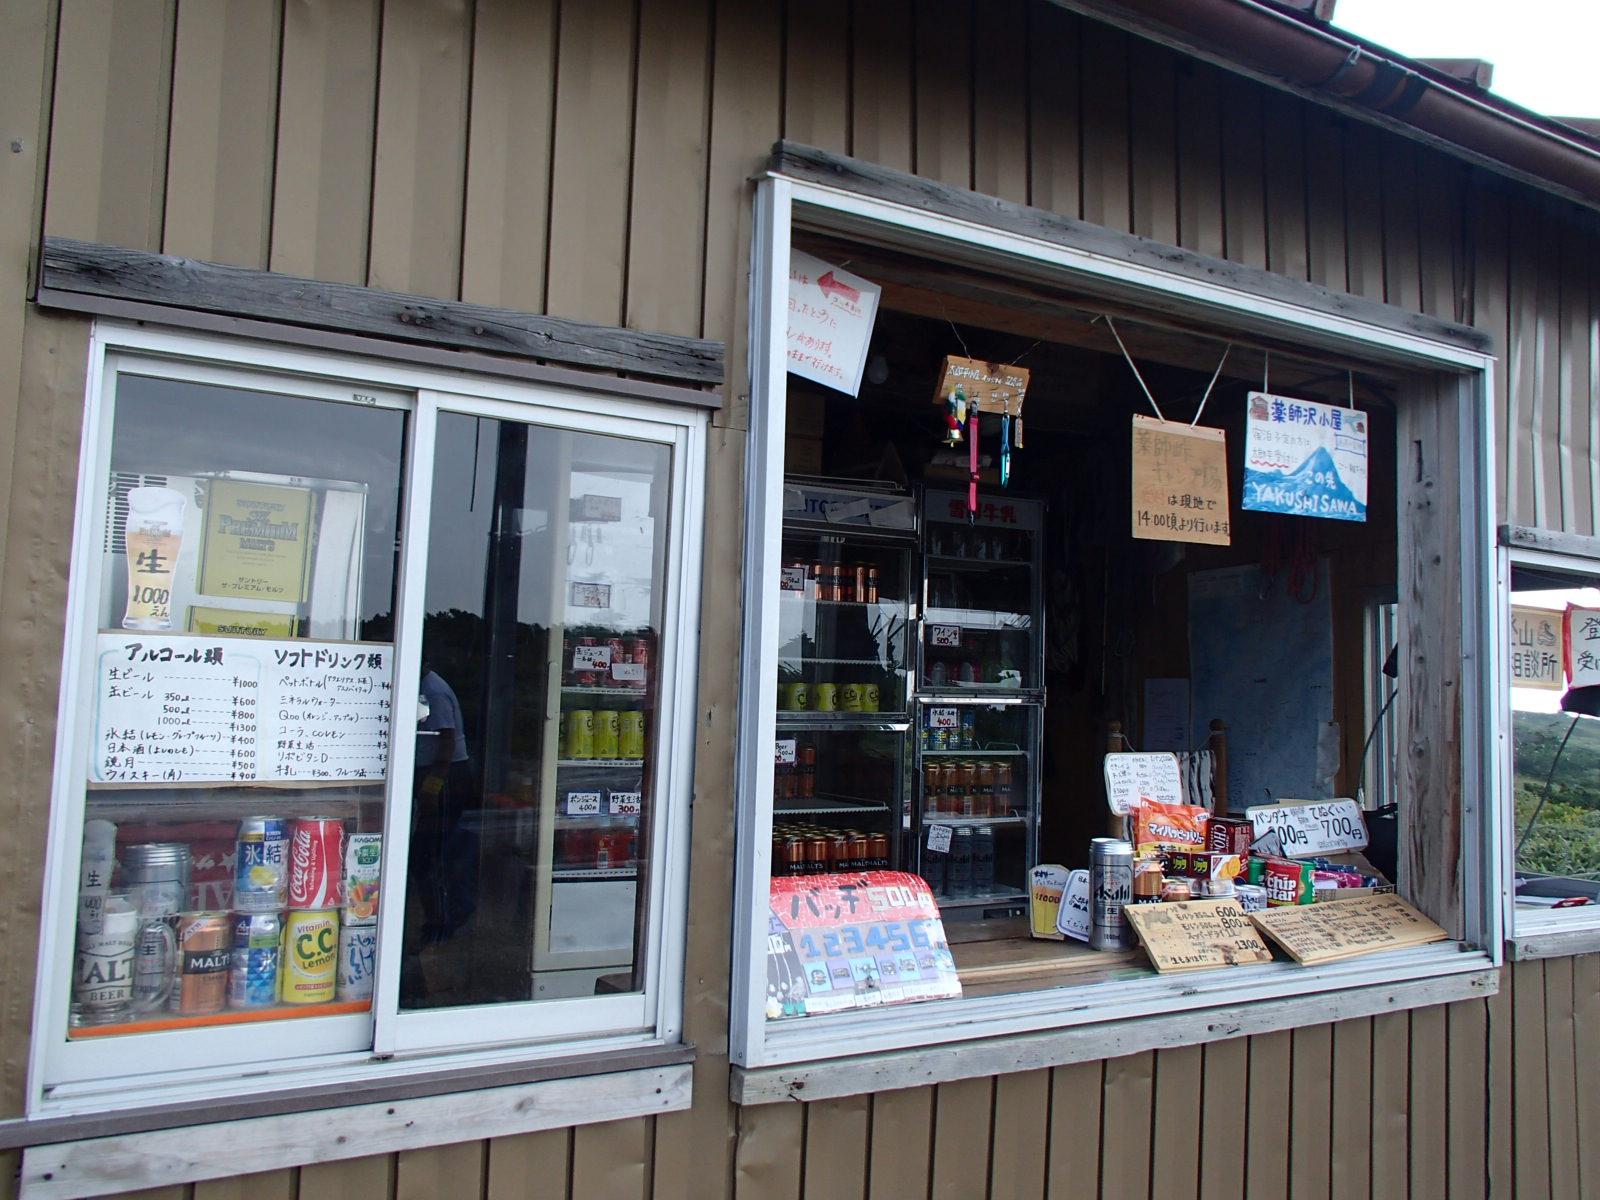 外側売店.JPG